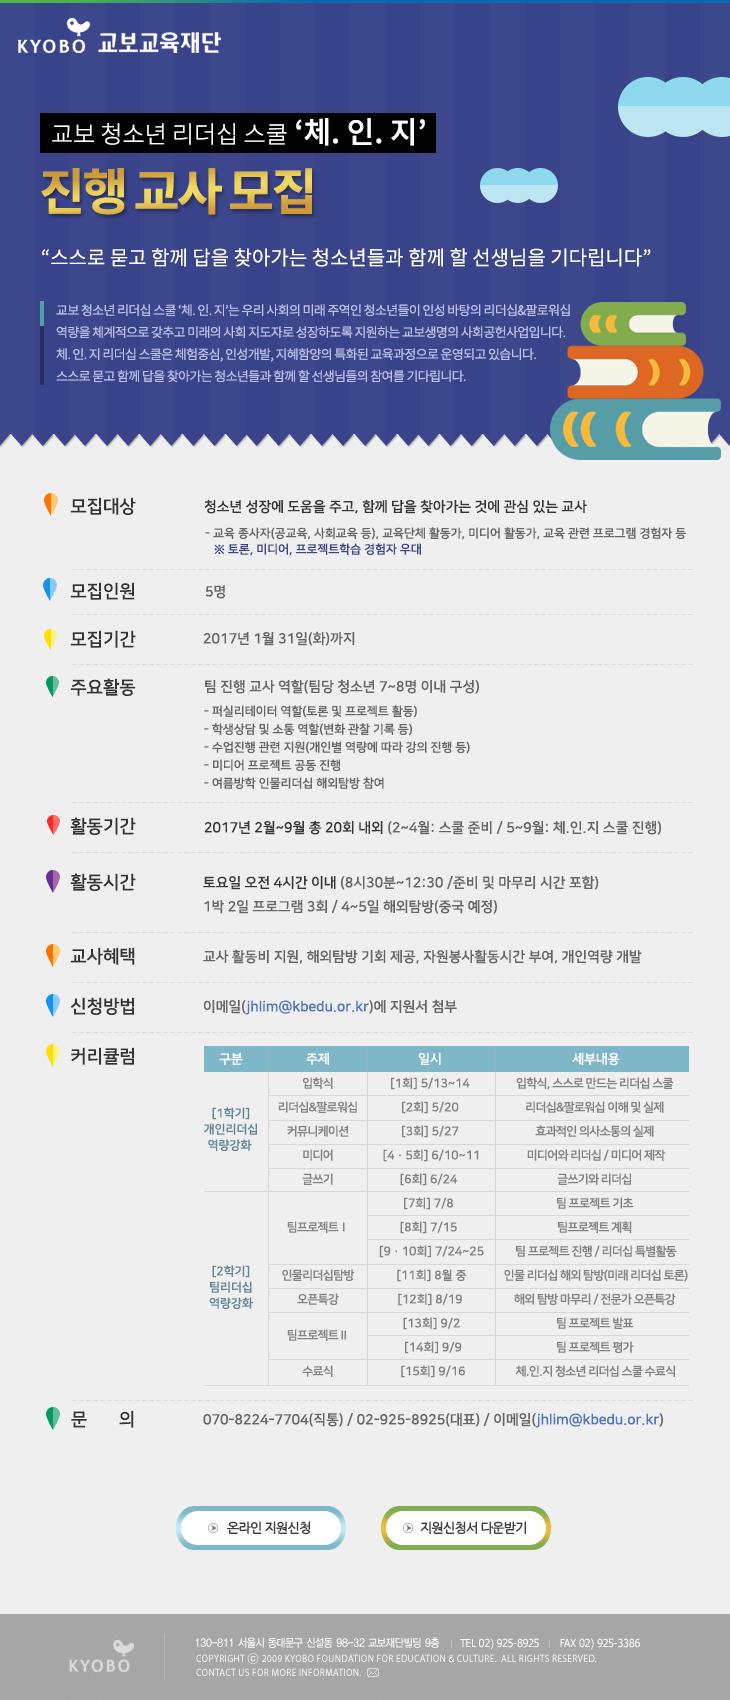 kb_change_mailling_170111.jpg